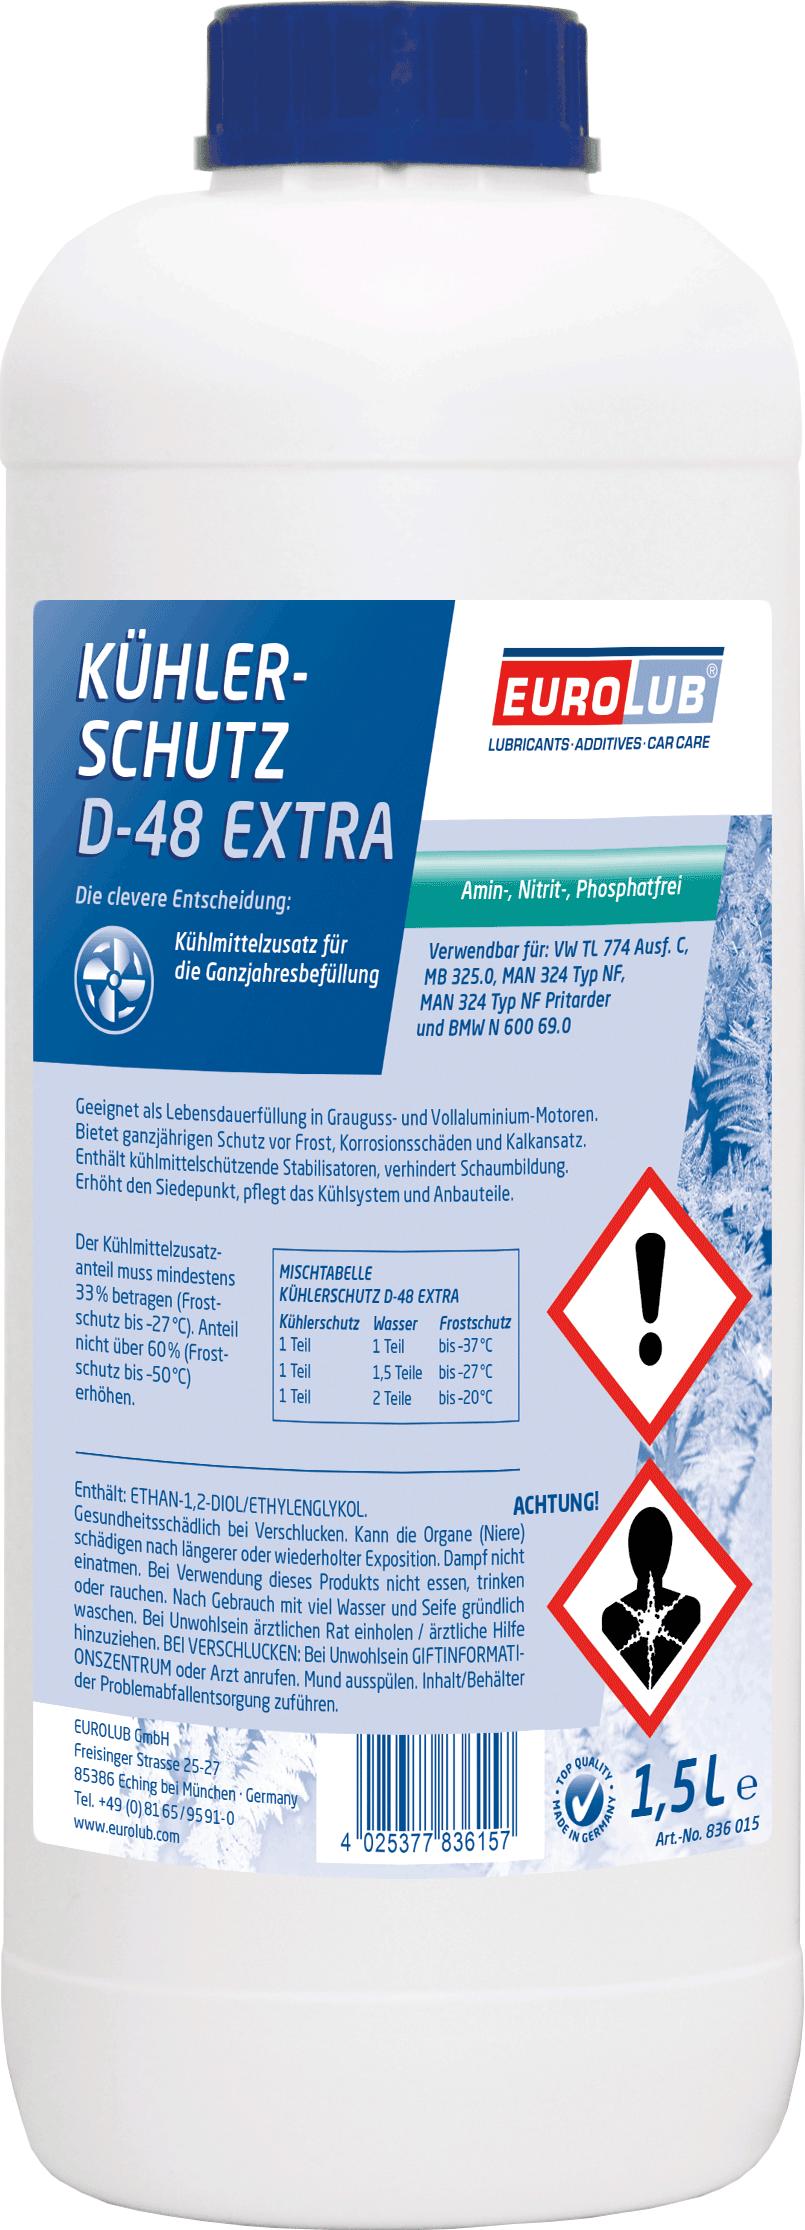 EUROLUB PROCAR Kuhlerschutz D48 Extra, 1.5л